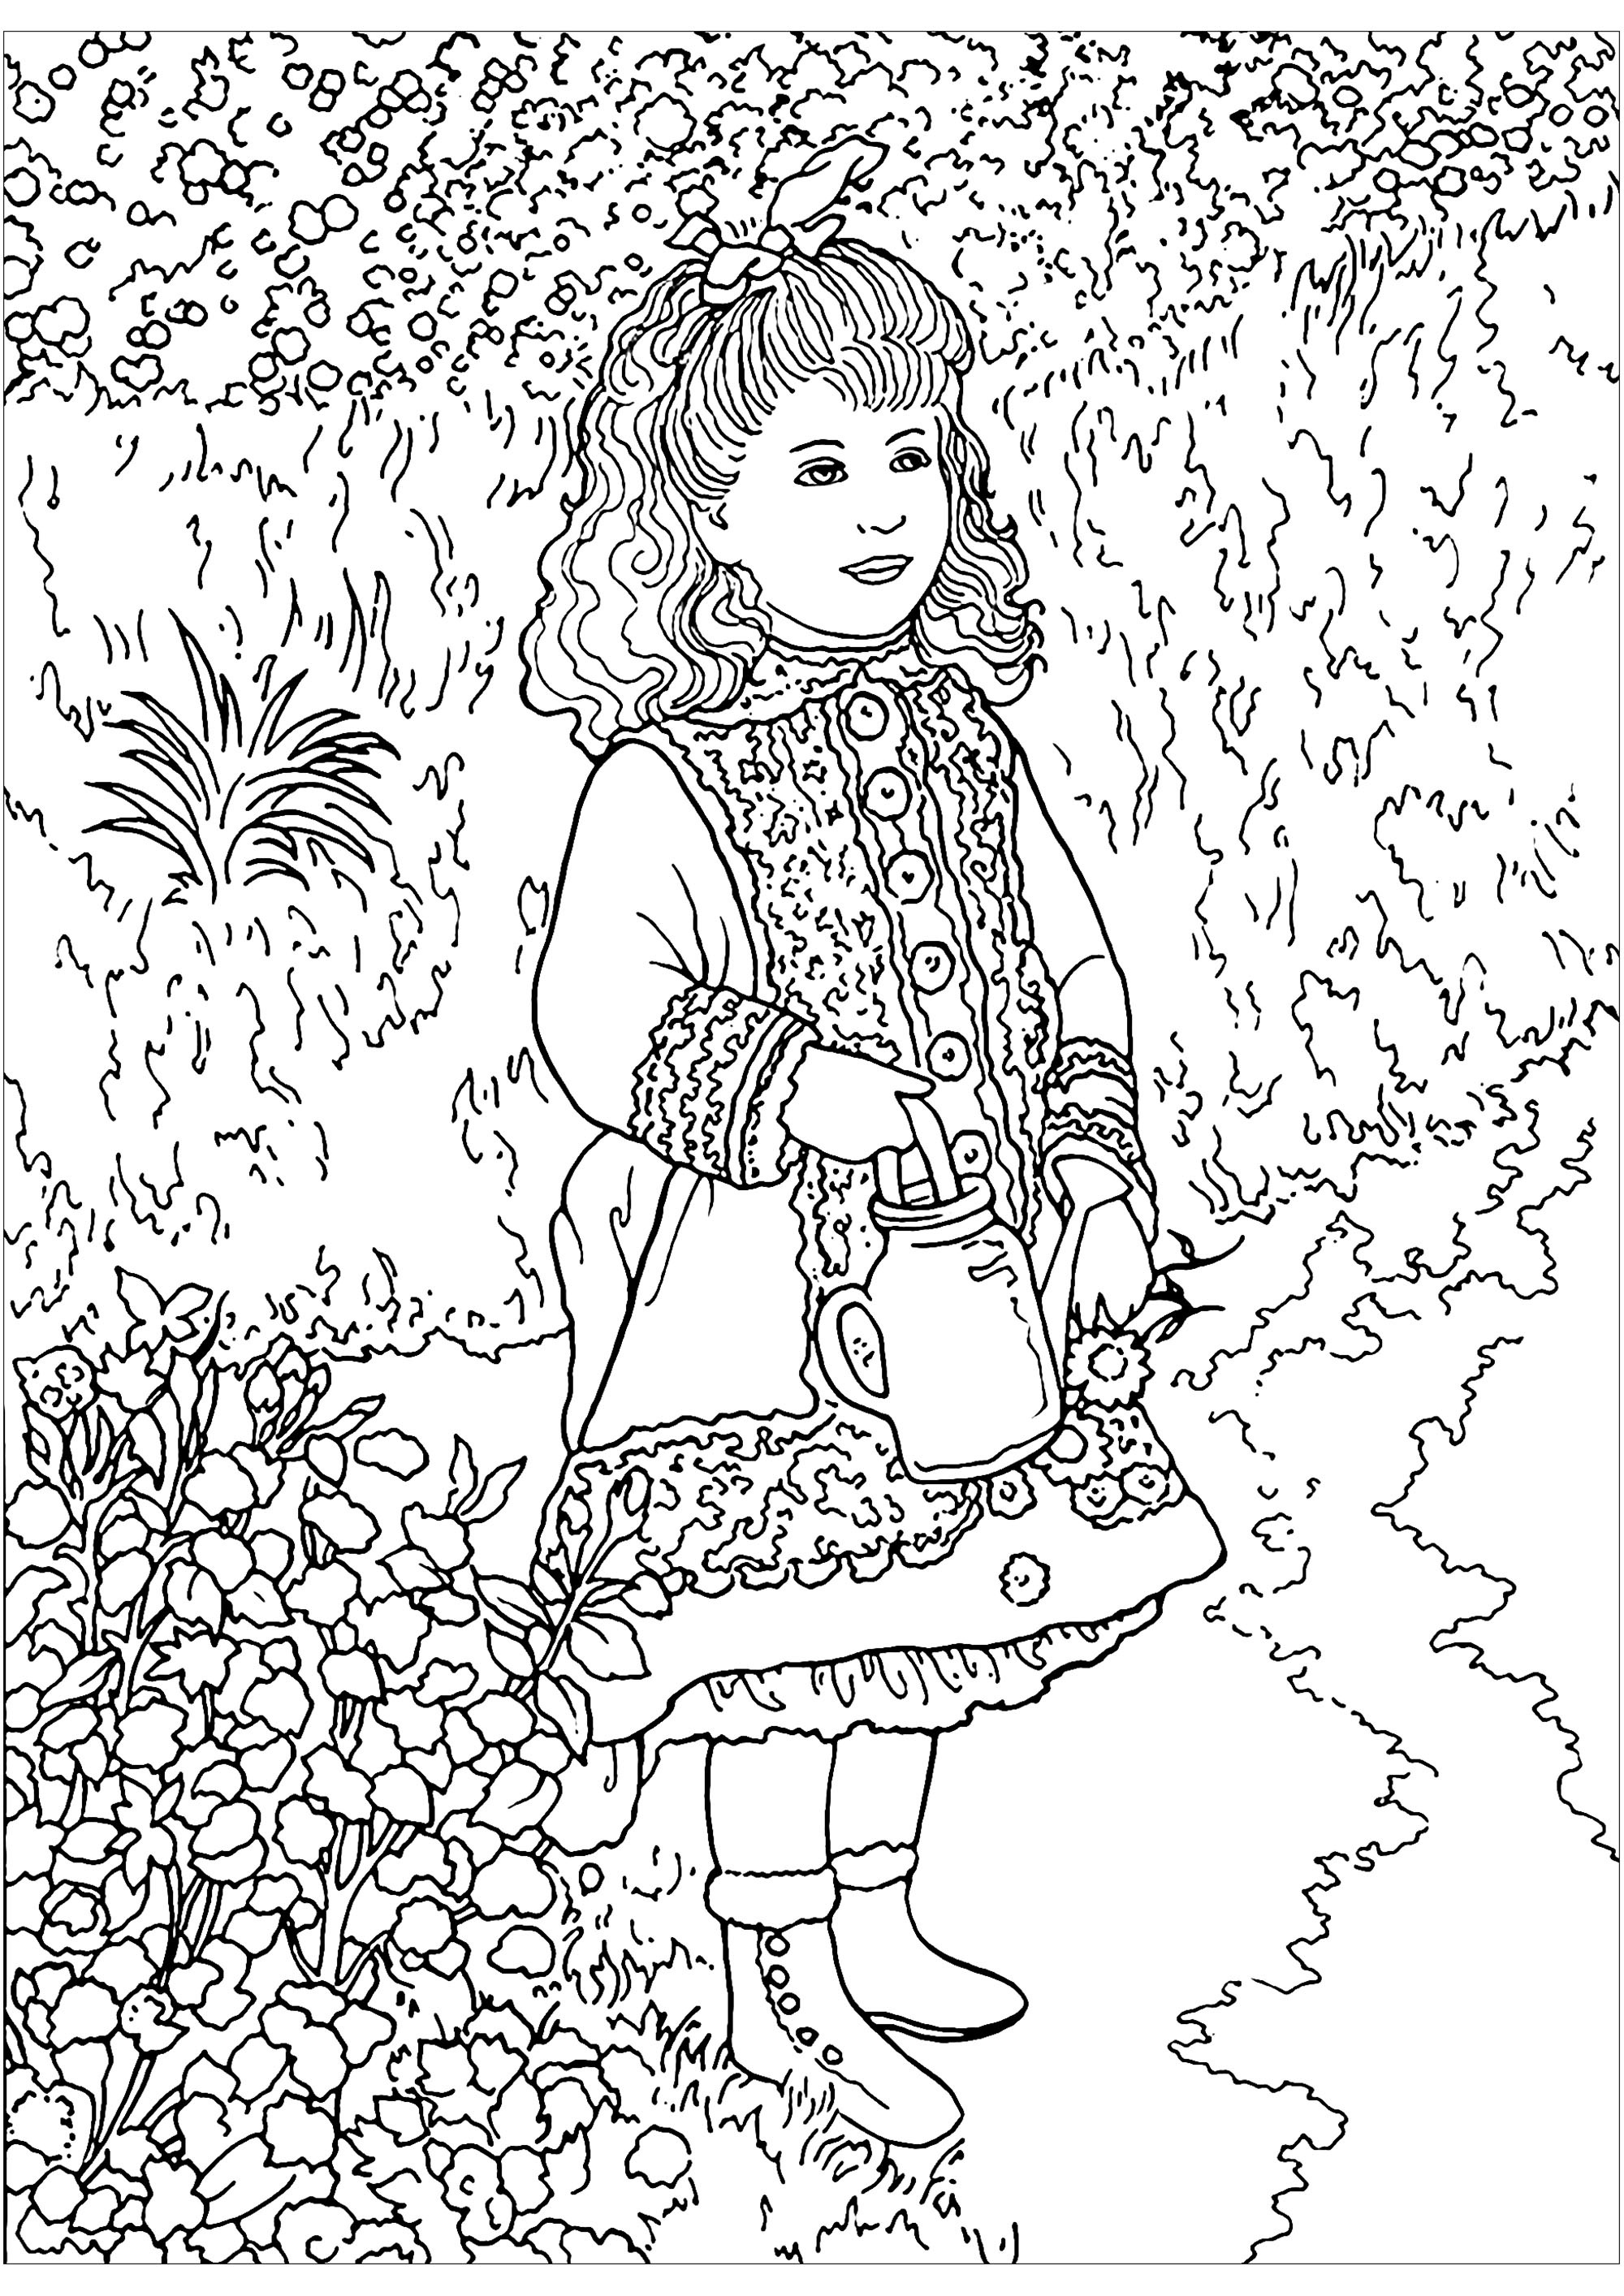 Coloriage inspiré d'un chef d'oeuvre de l'artiste Impressionniste Auguste Renoir : Une jeune fille avec arrosoir